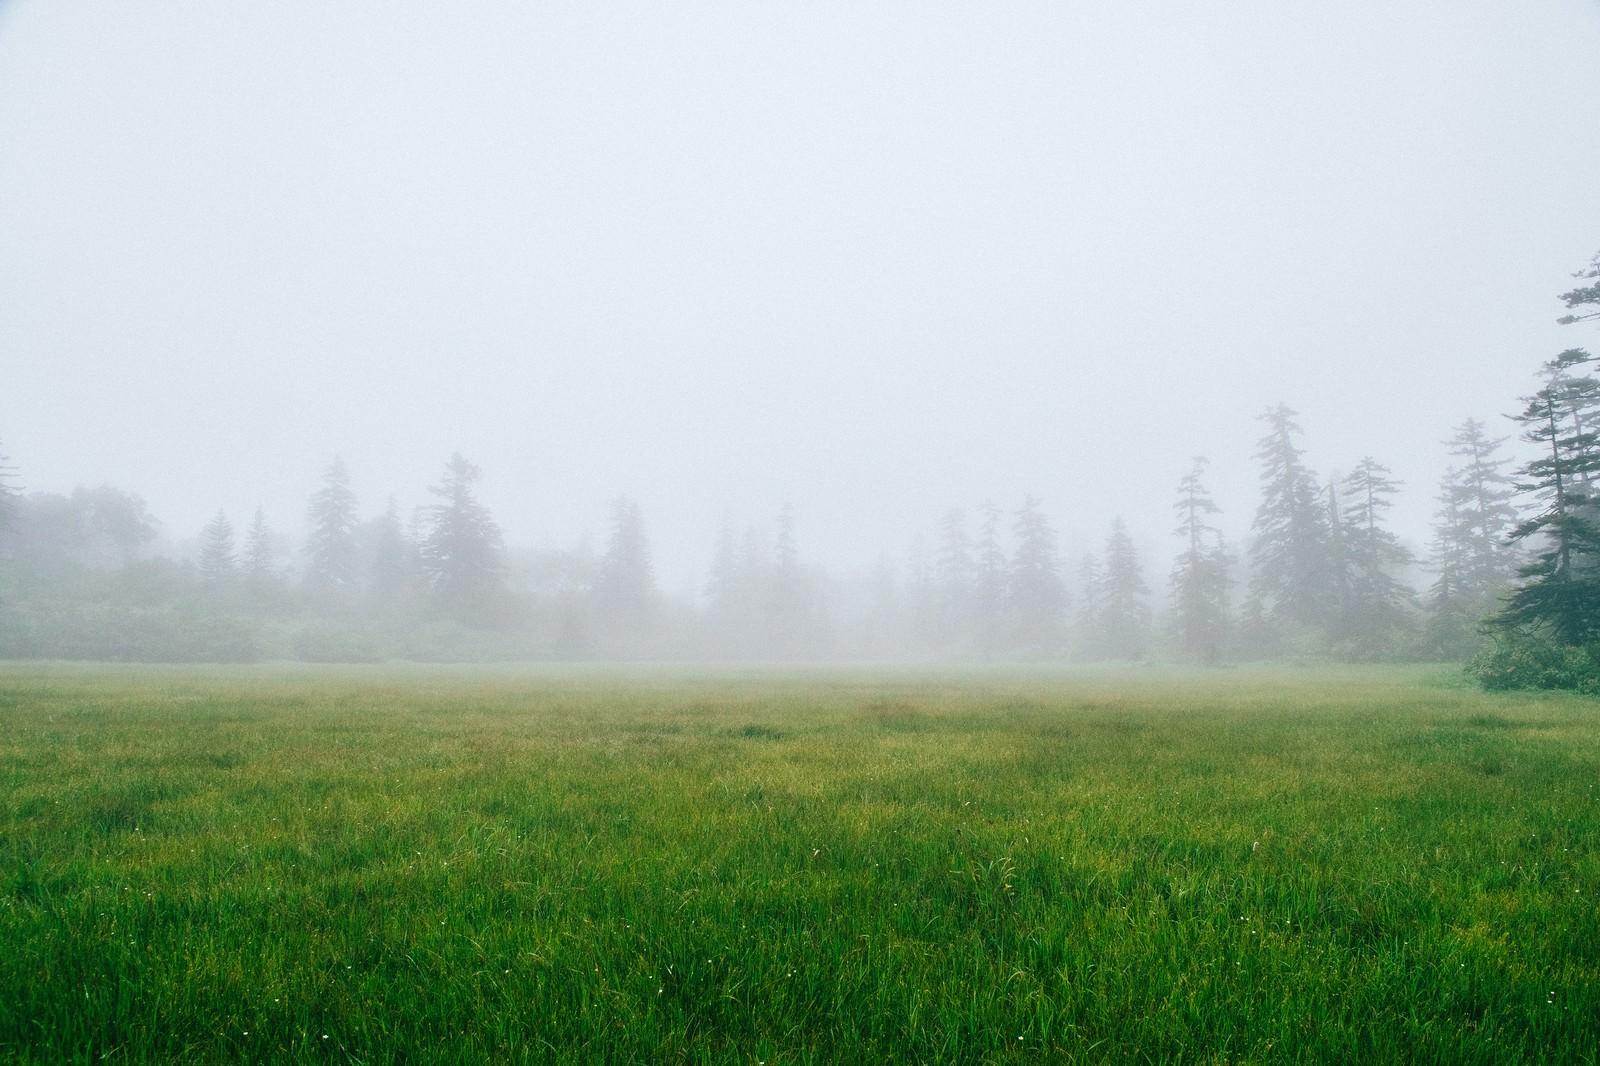 「霧に覆われた森の中の草原」の写真